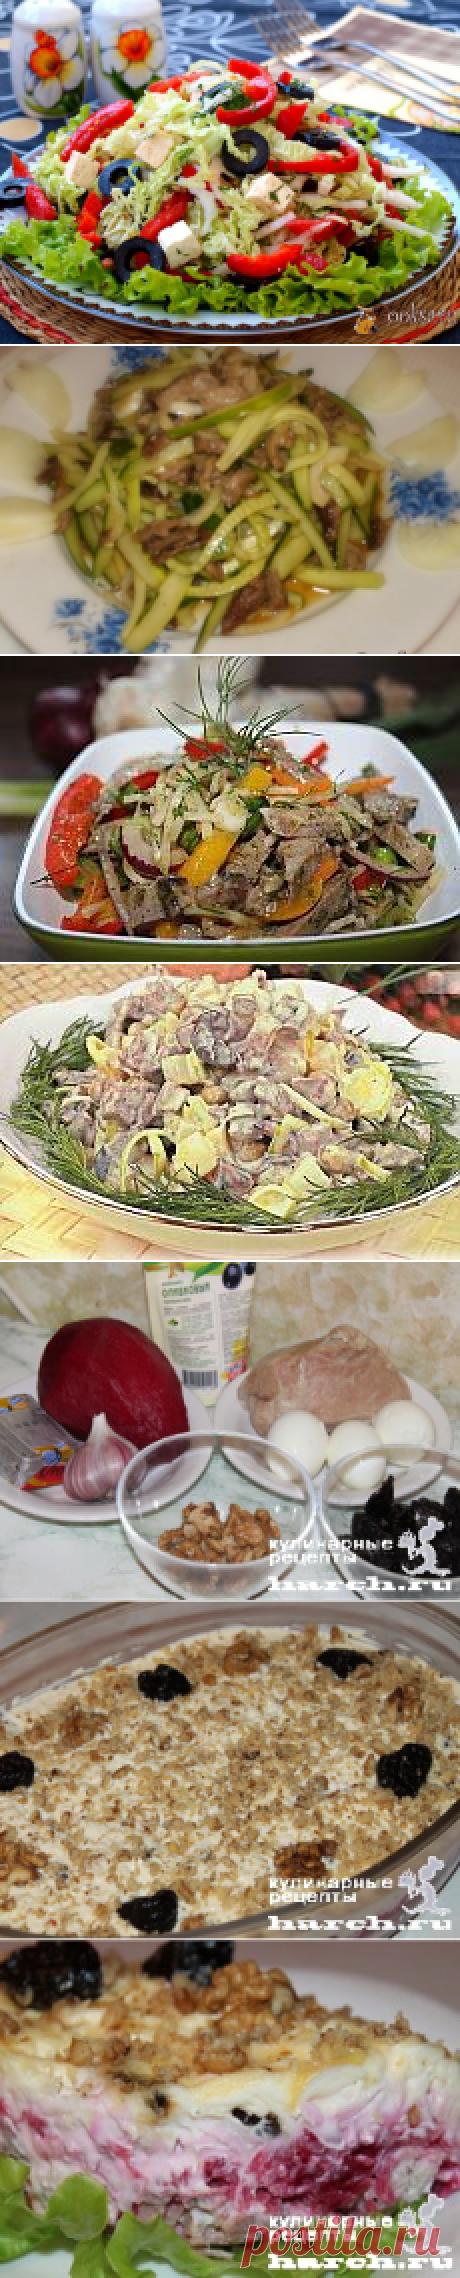 Поиск на Постиле: мясные салаты